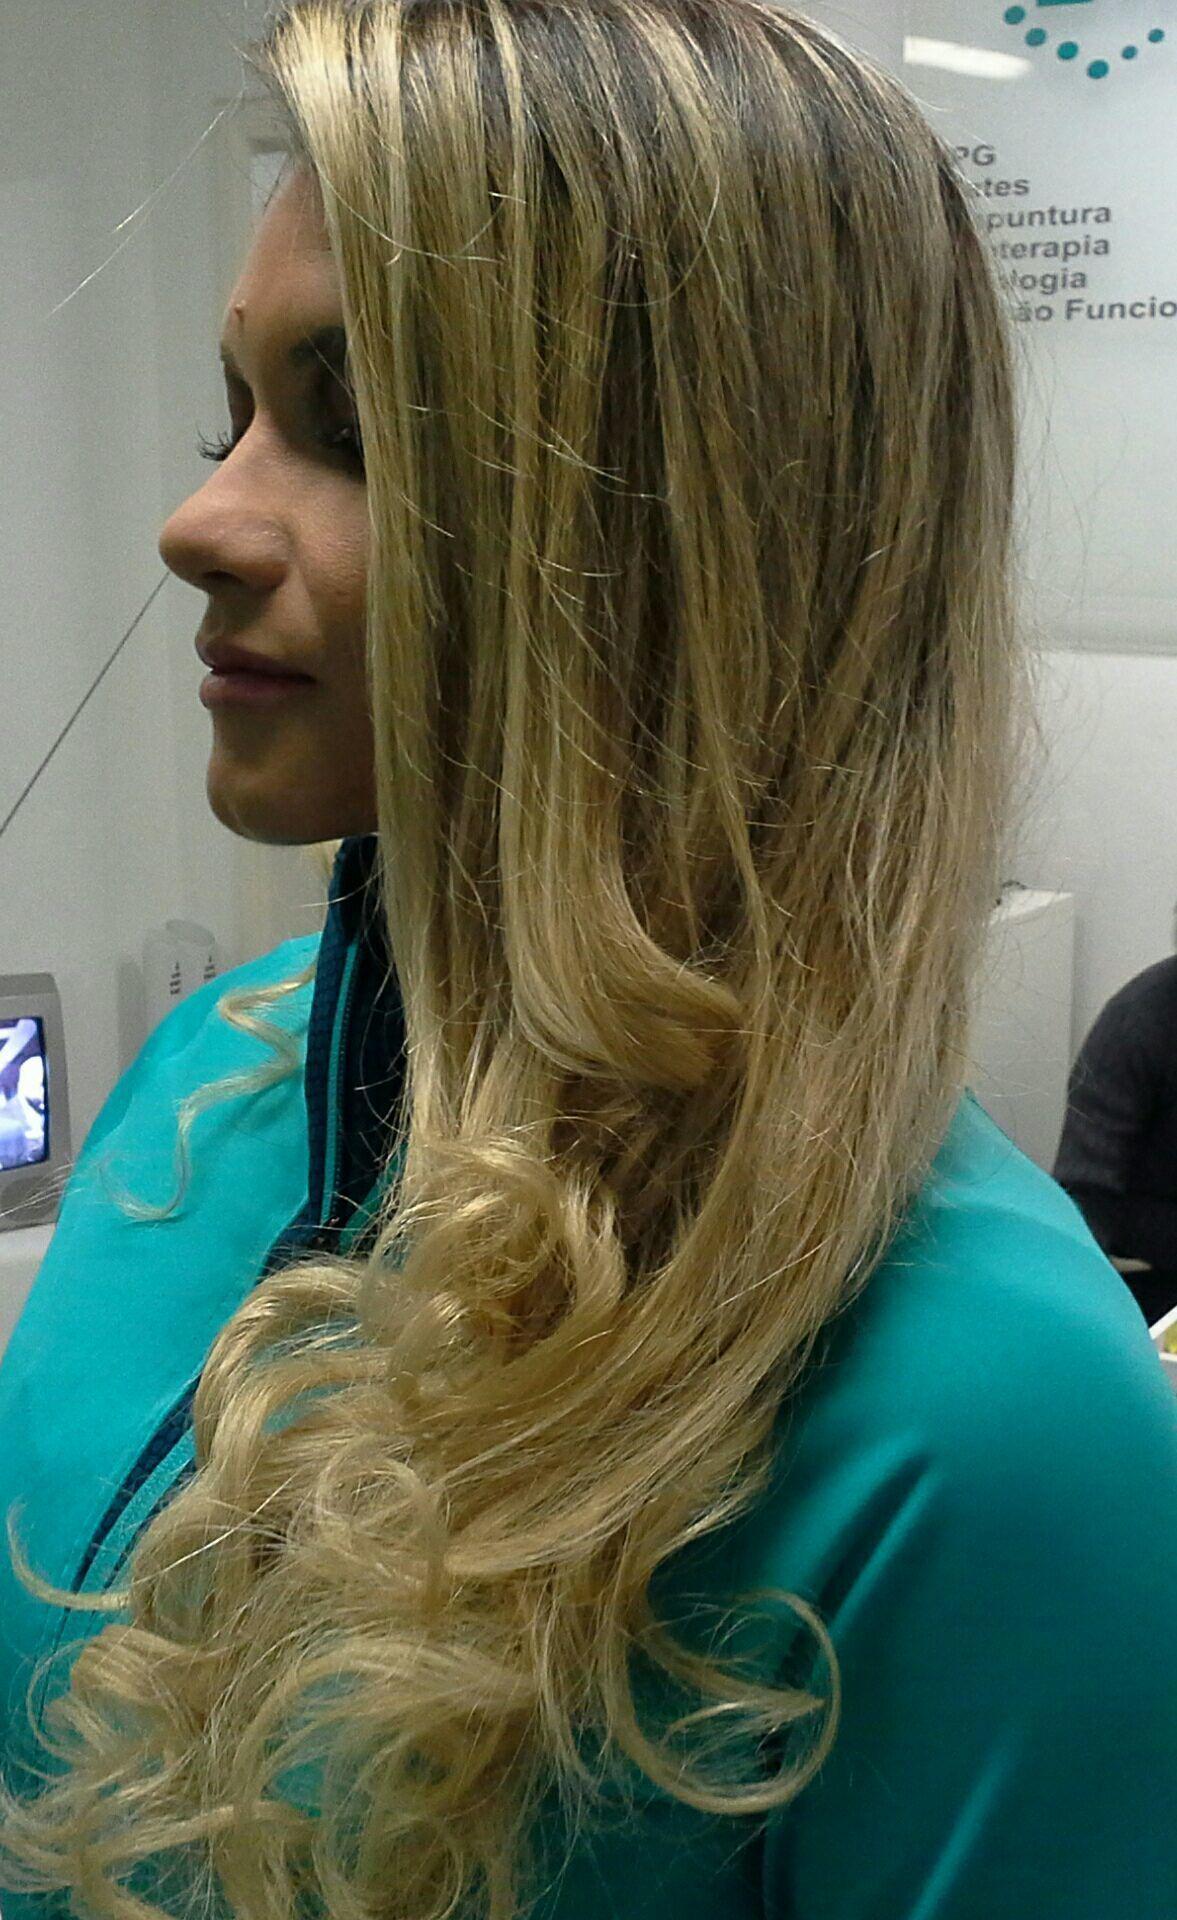 Penteado  , maquiagem de festa cabelo stylist / visagista cabeleireiro(a)